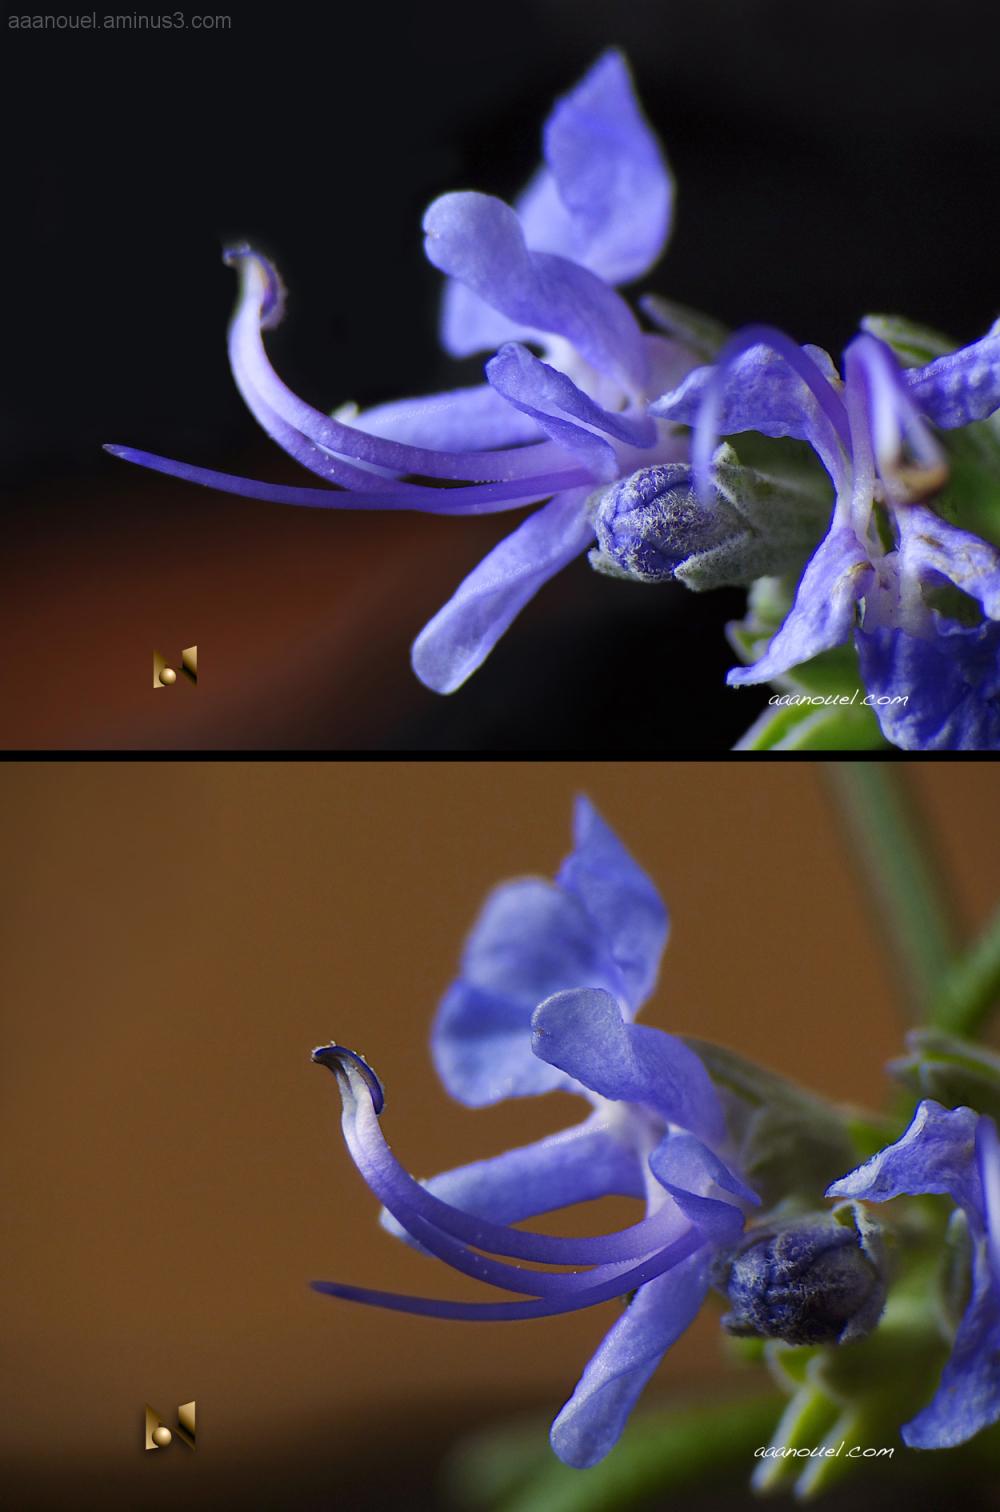 romero rosemary tiny flower macro aaanouel Marumi